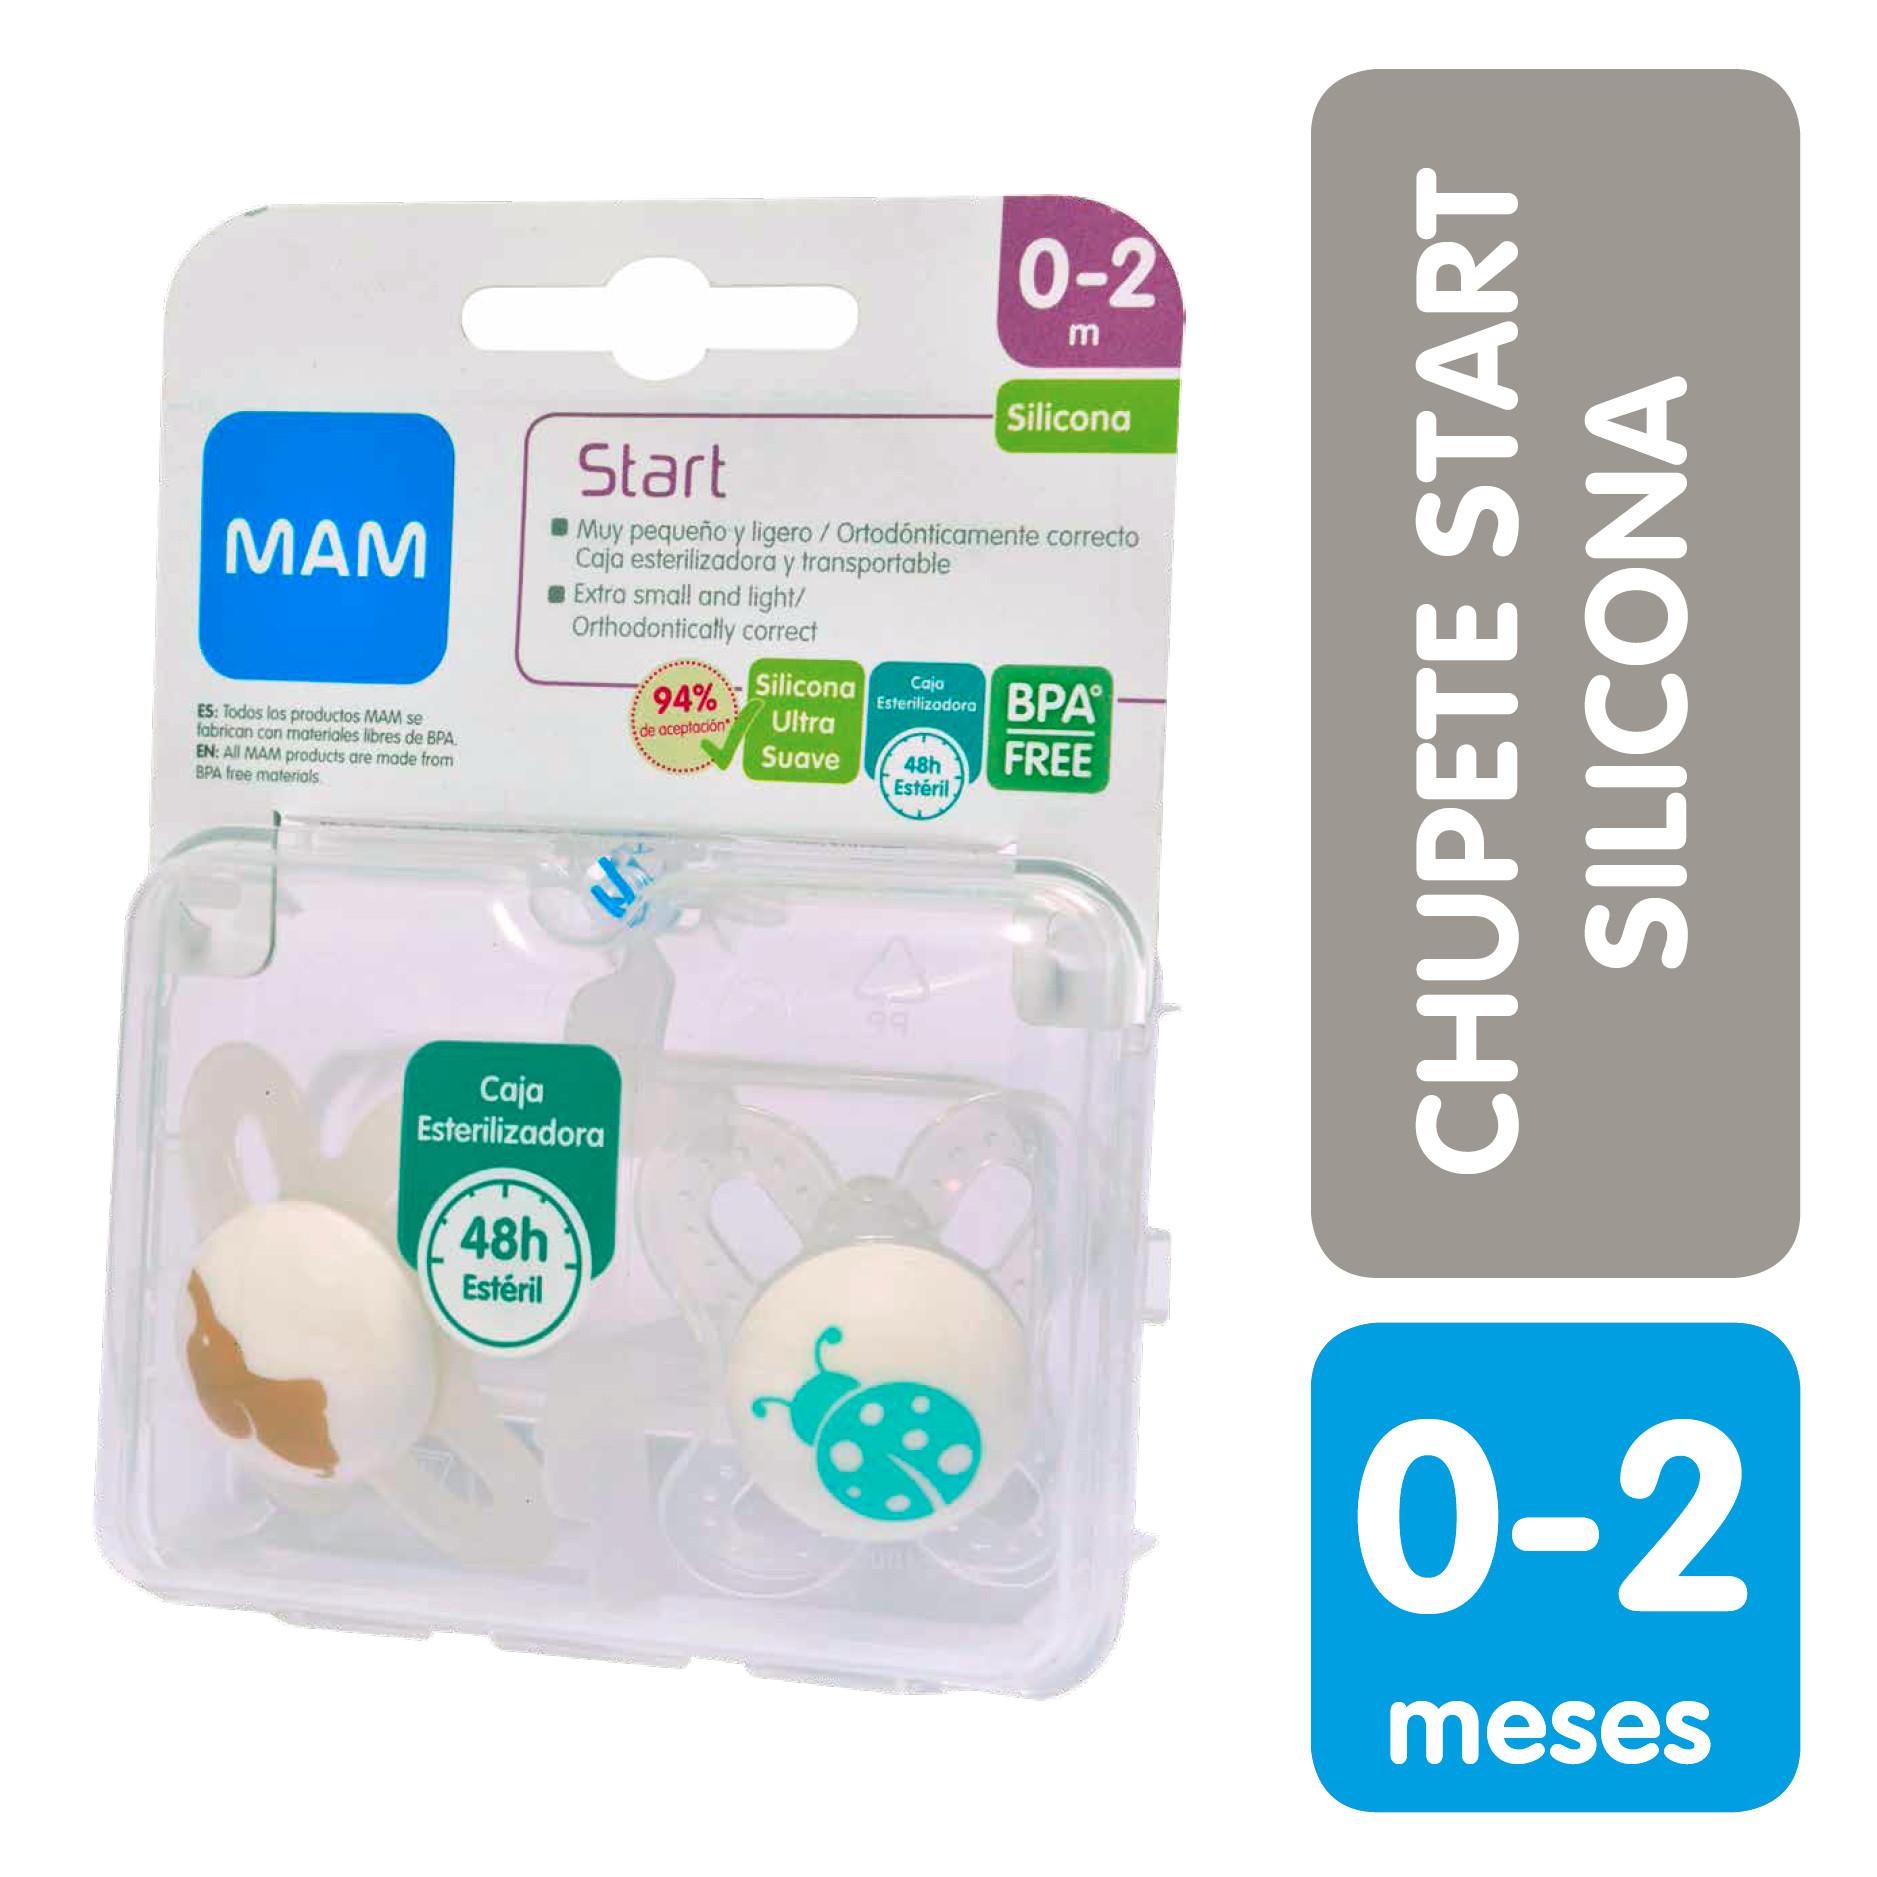 Mam Chupete x2 Start 0+ Silicona